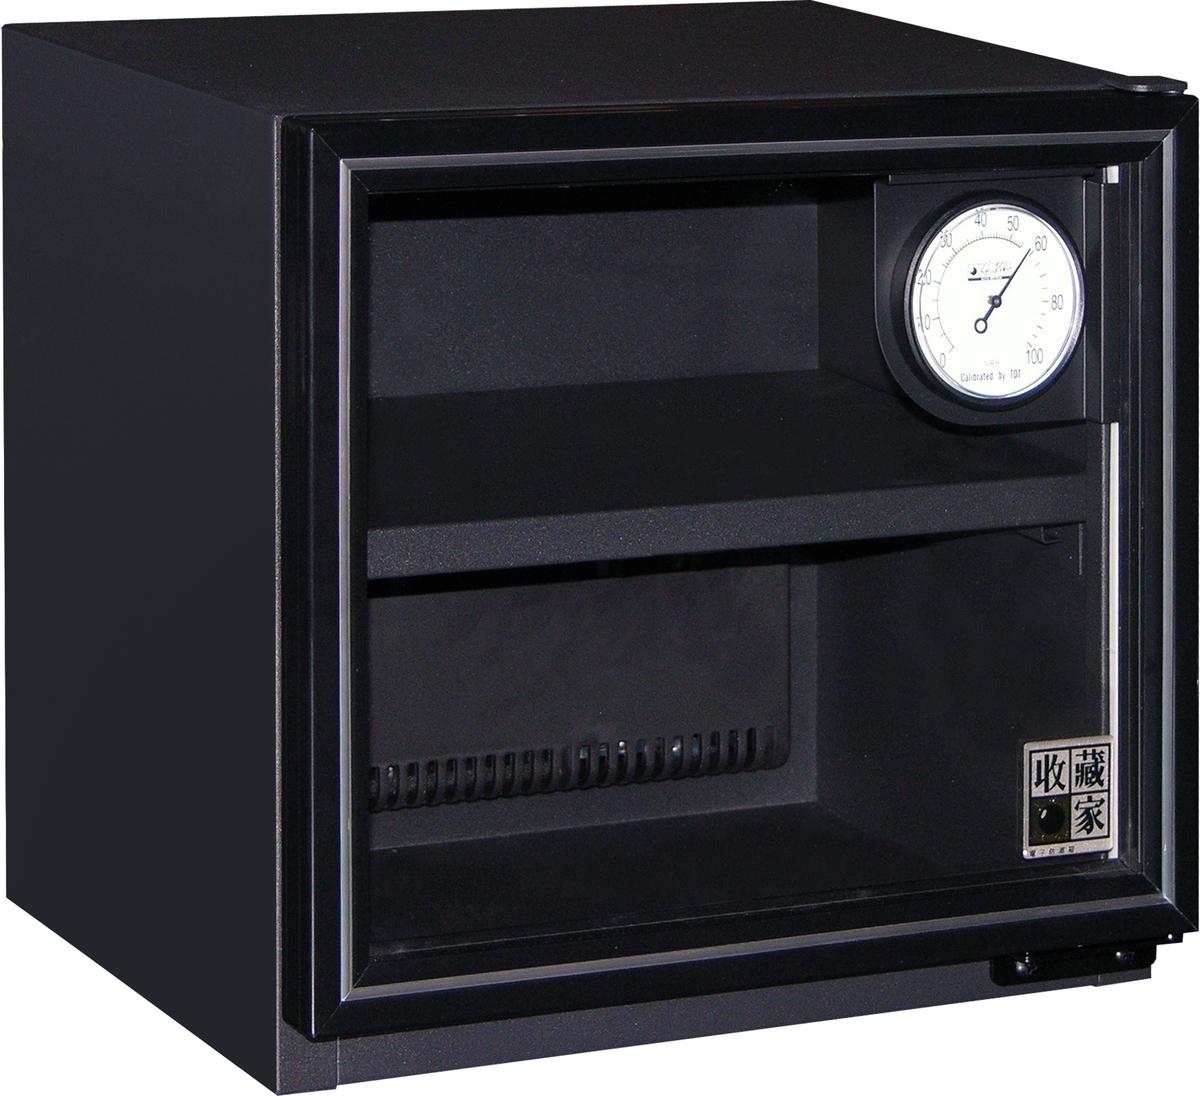 收藏家 AD-20 臺灣品牌 防潮箱( 容量 20L,尺寸 W30 x H29 x D25.5 cm )